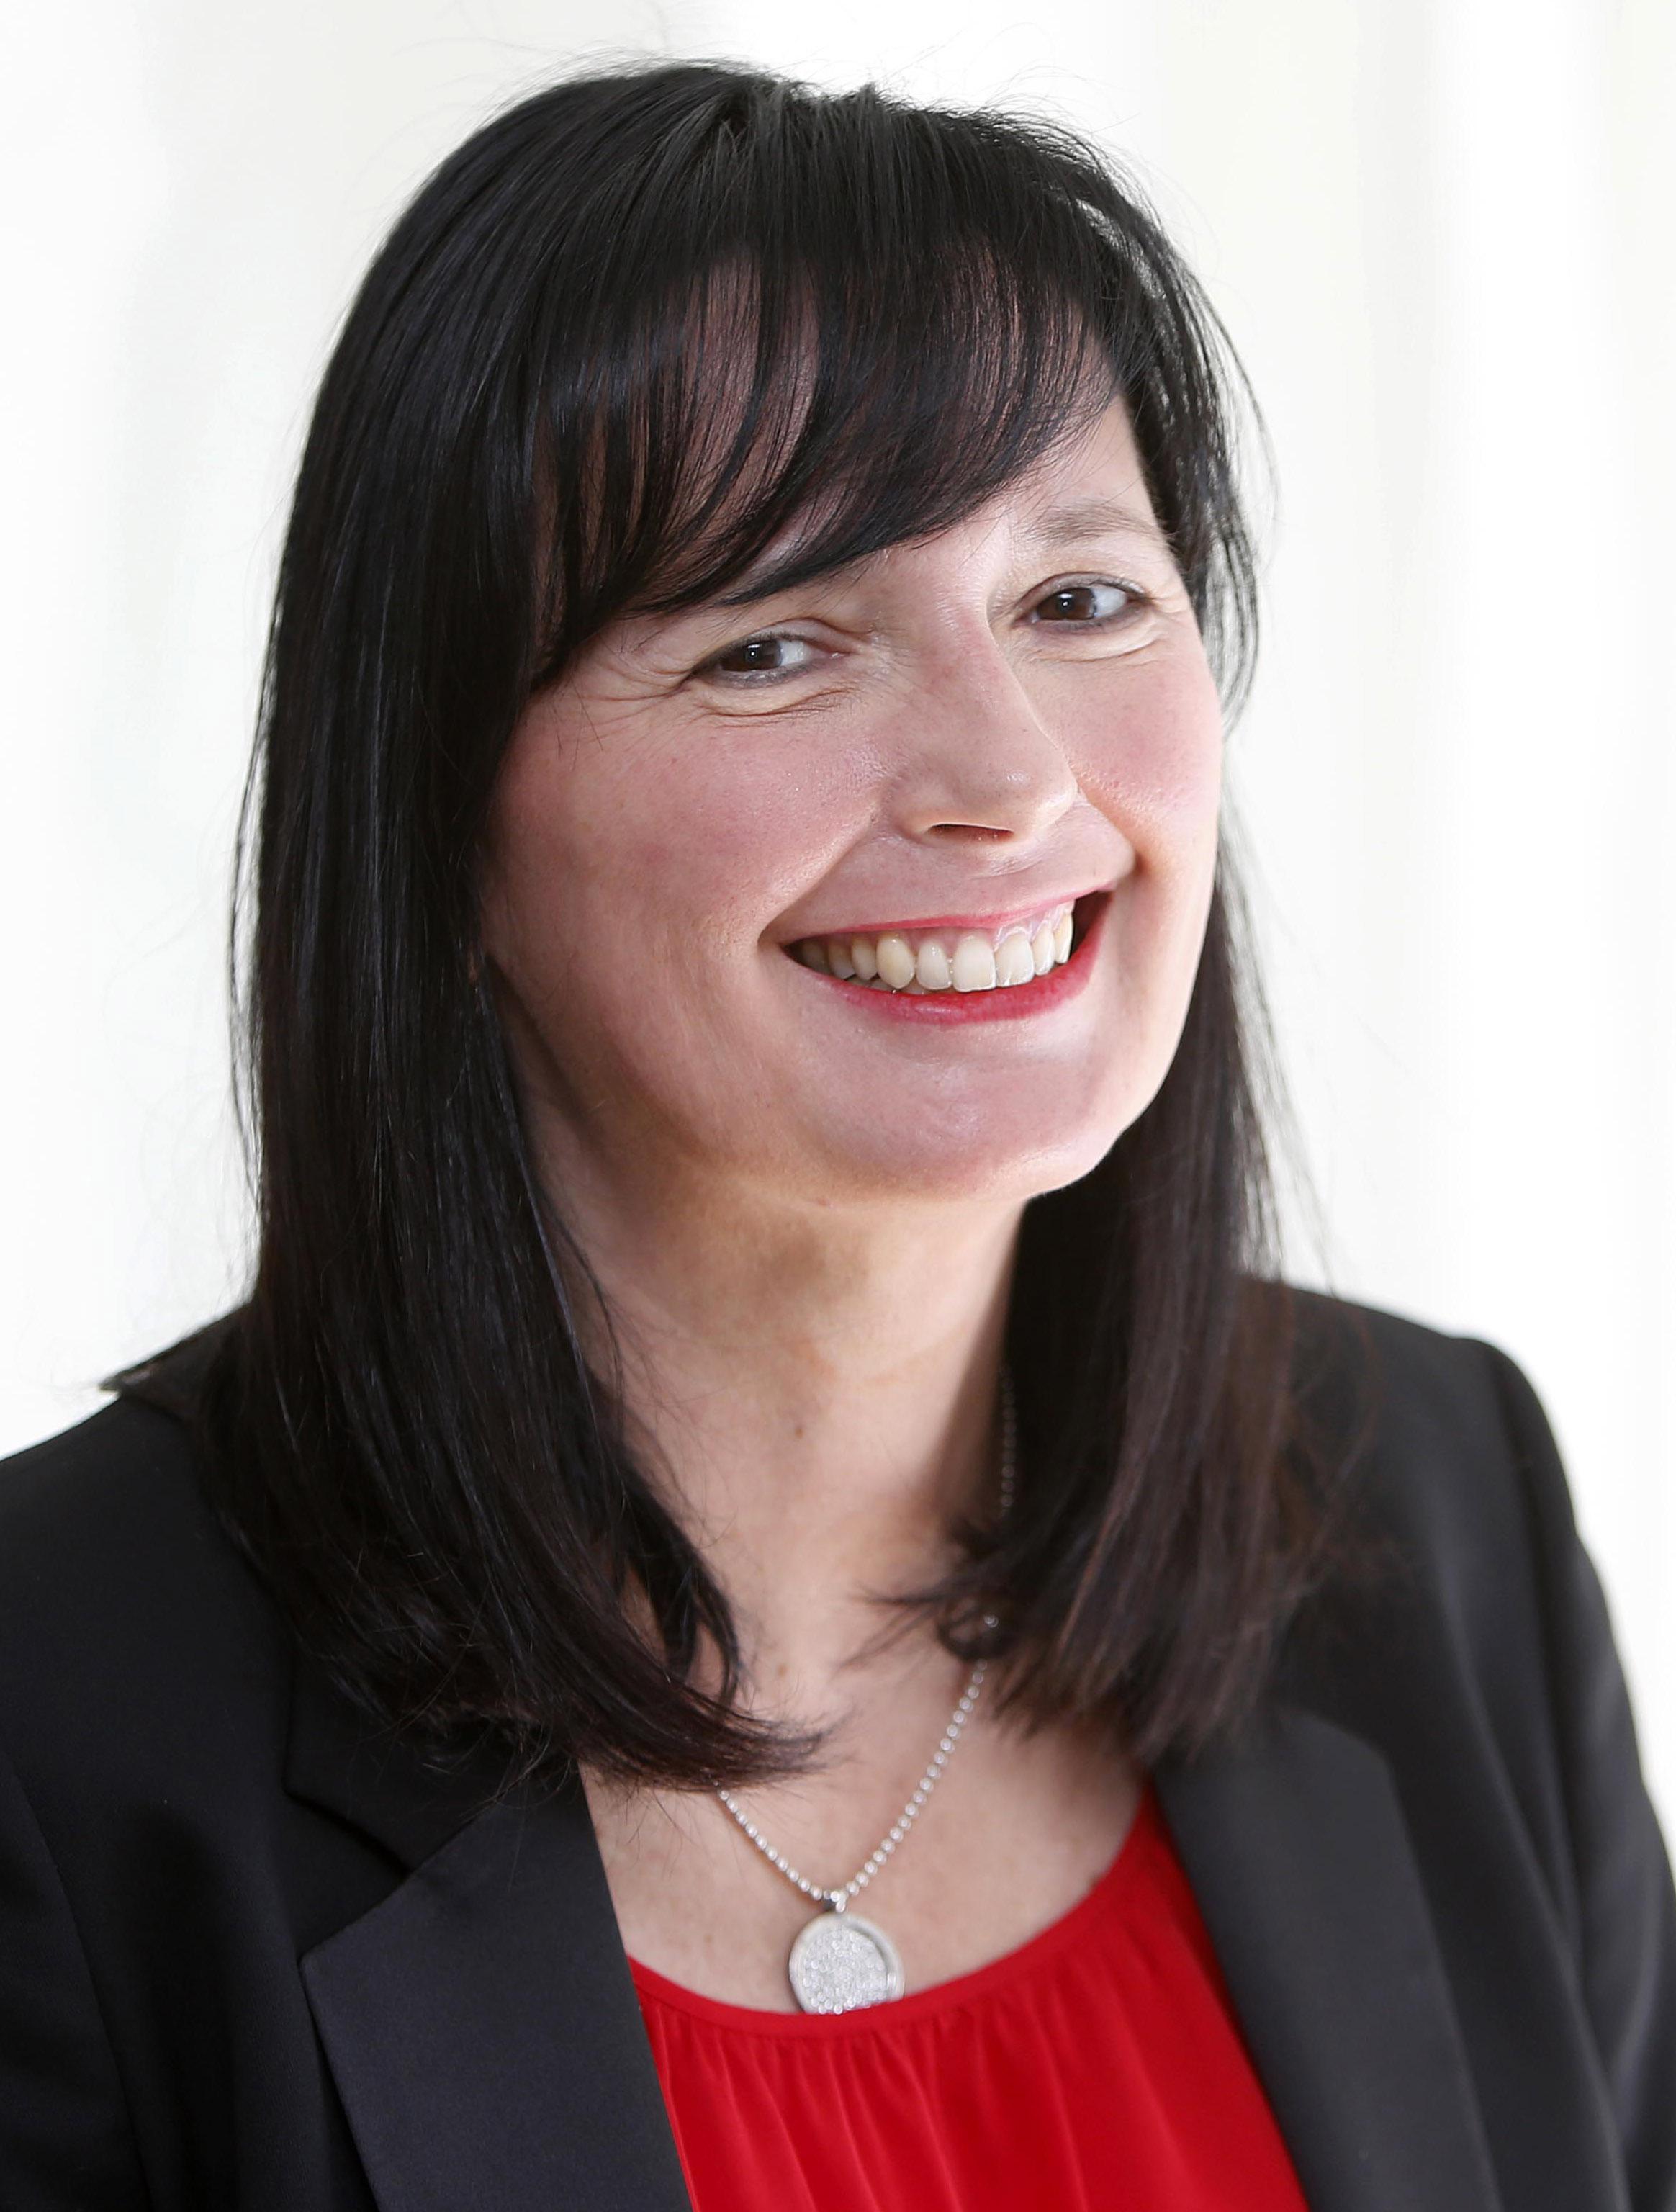 Sandra Freisinger-Heinl Headshot